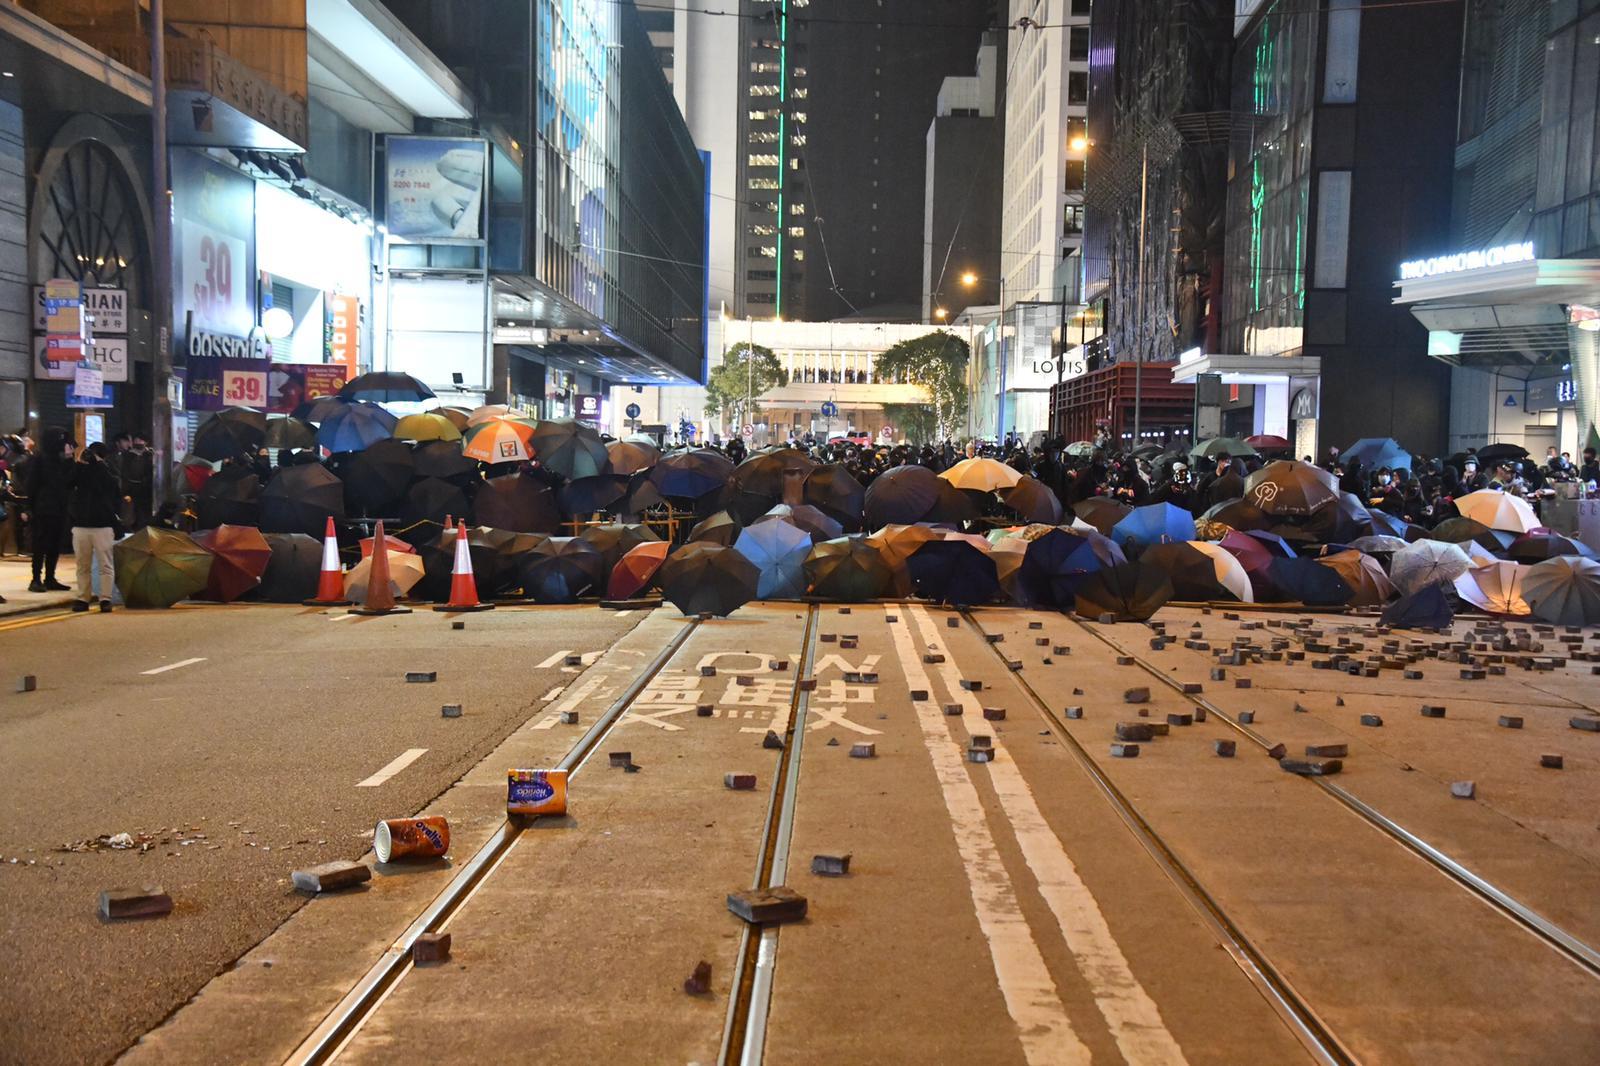 【修例风波】周日游行上诉被驳回 警方指早前有勇武份子渗入民阵活动